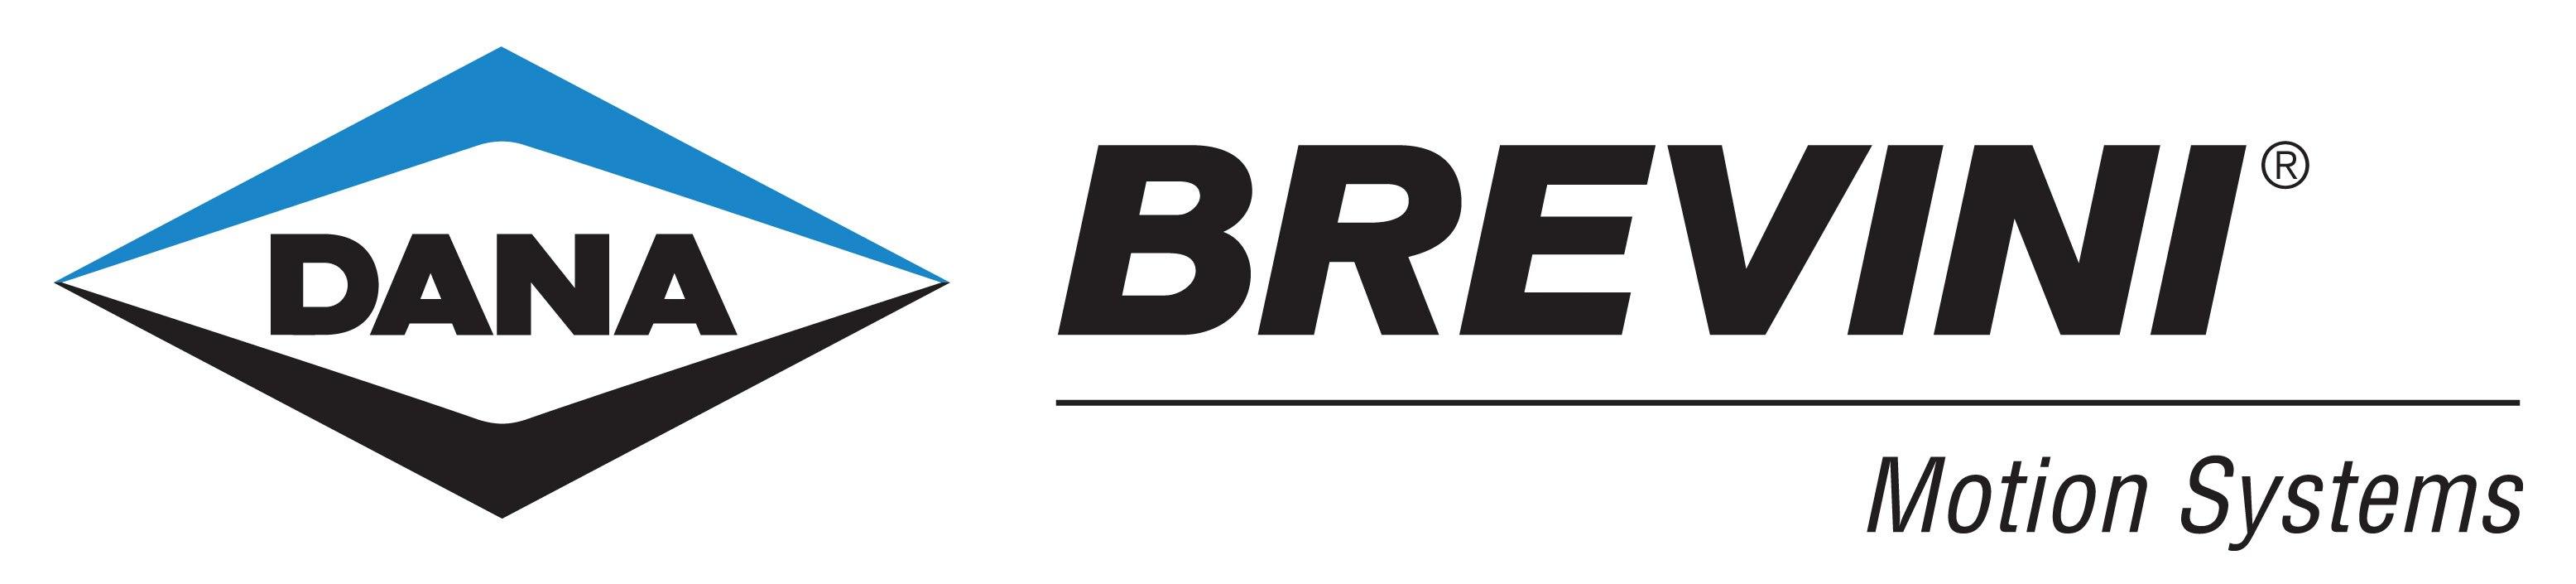 DANA Brevini - logo